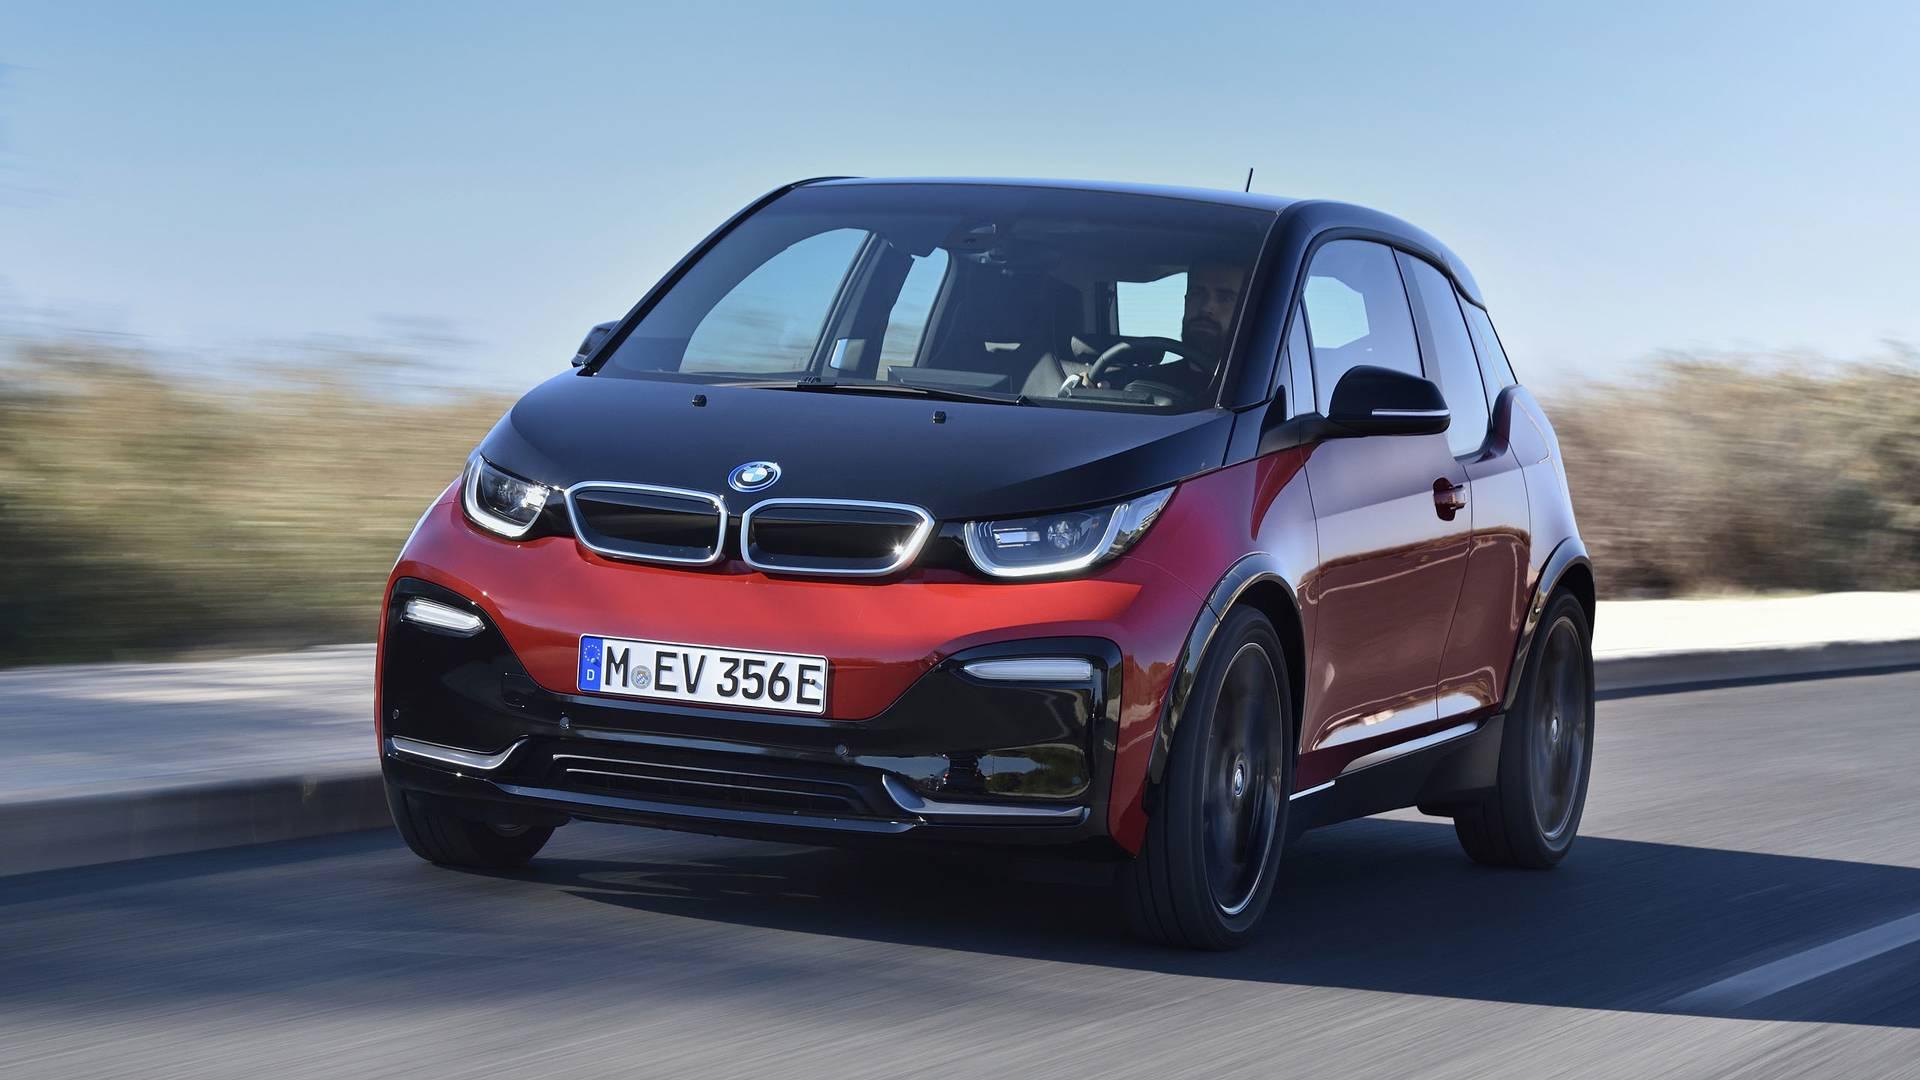 Nova BMW-ova kontrola prijanjanja 50 puta brža od konvencionalnih